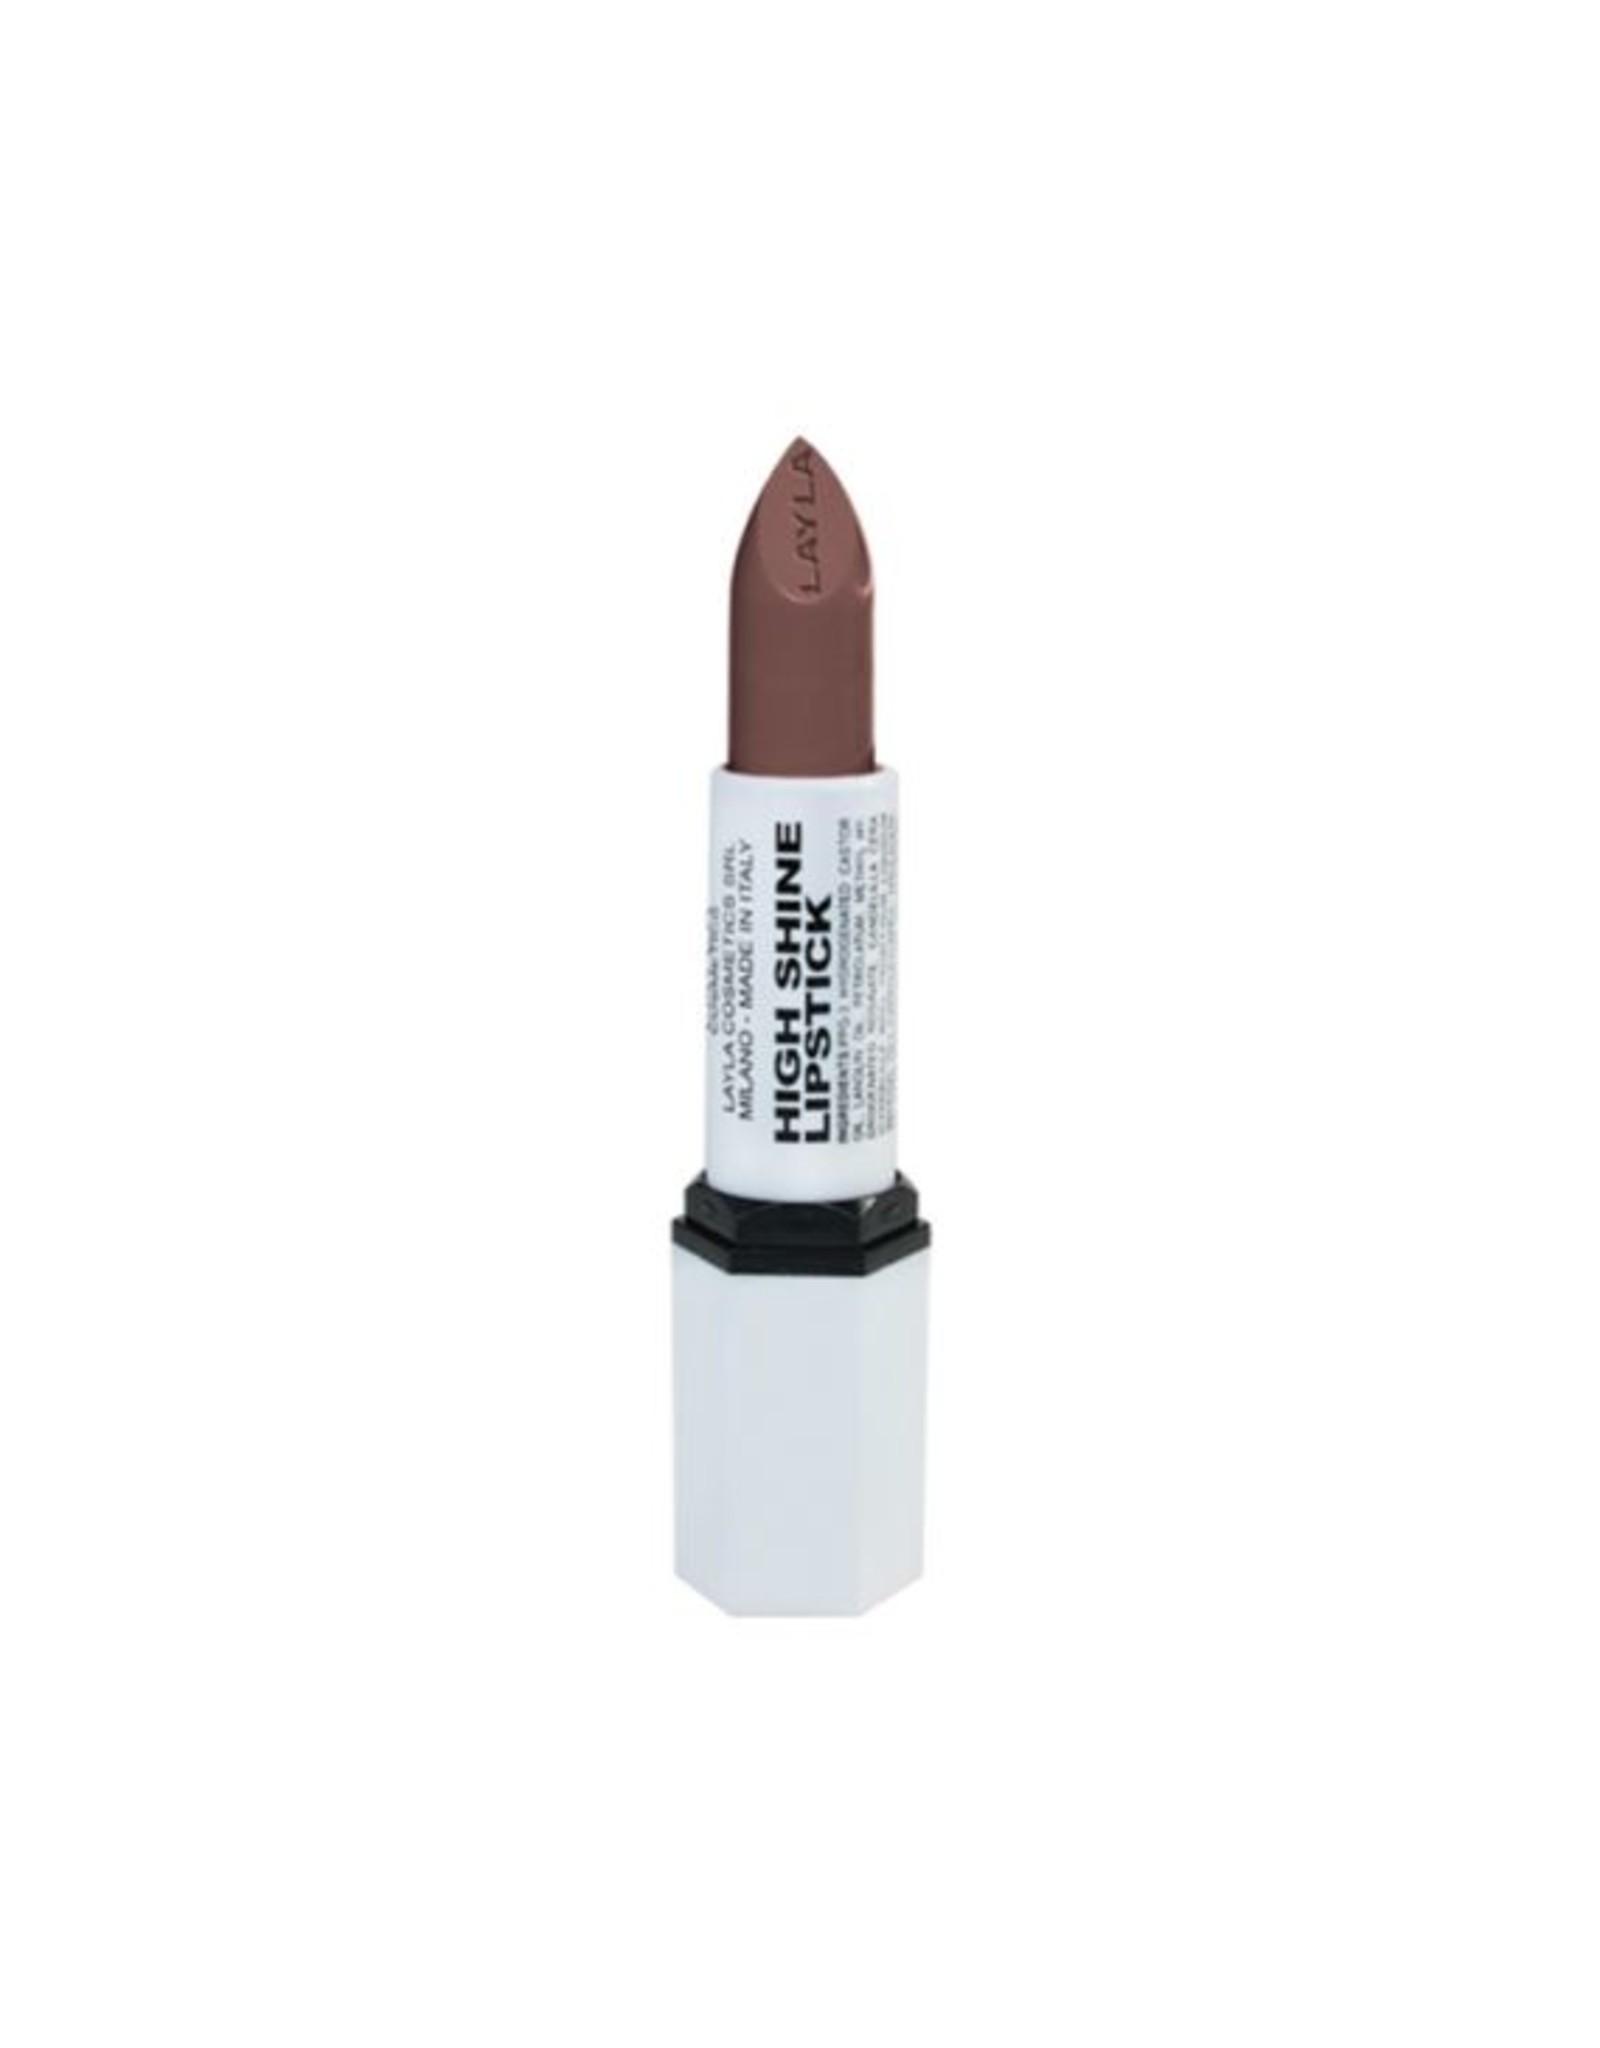 Layla Cosmetics High Shine Lipstick 38 - Layla Cosmetics